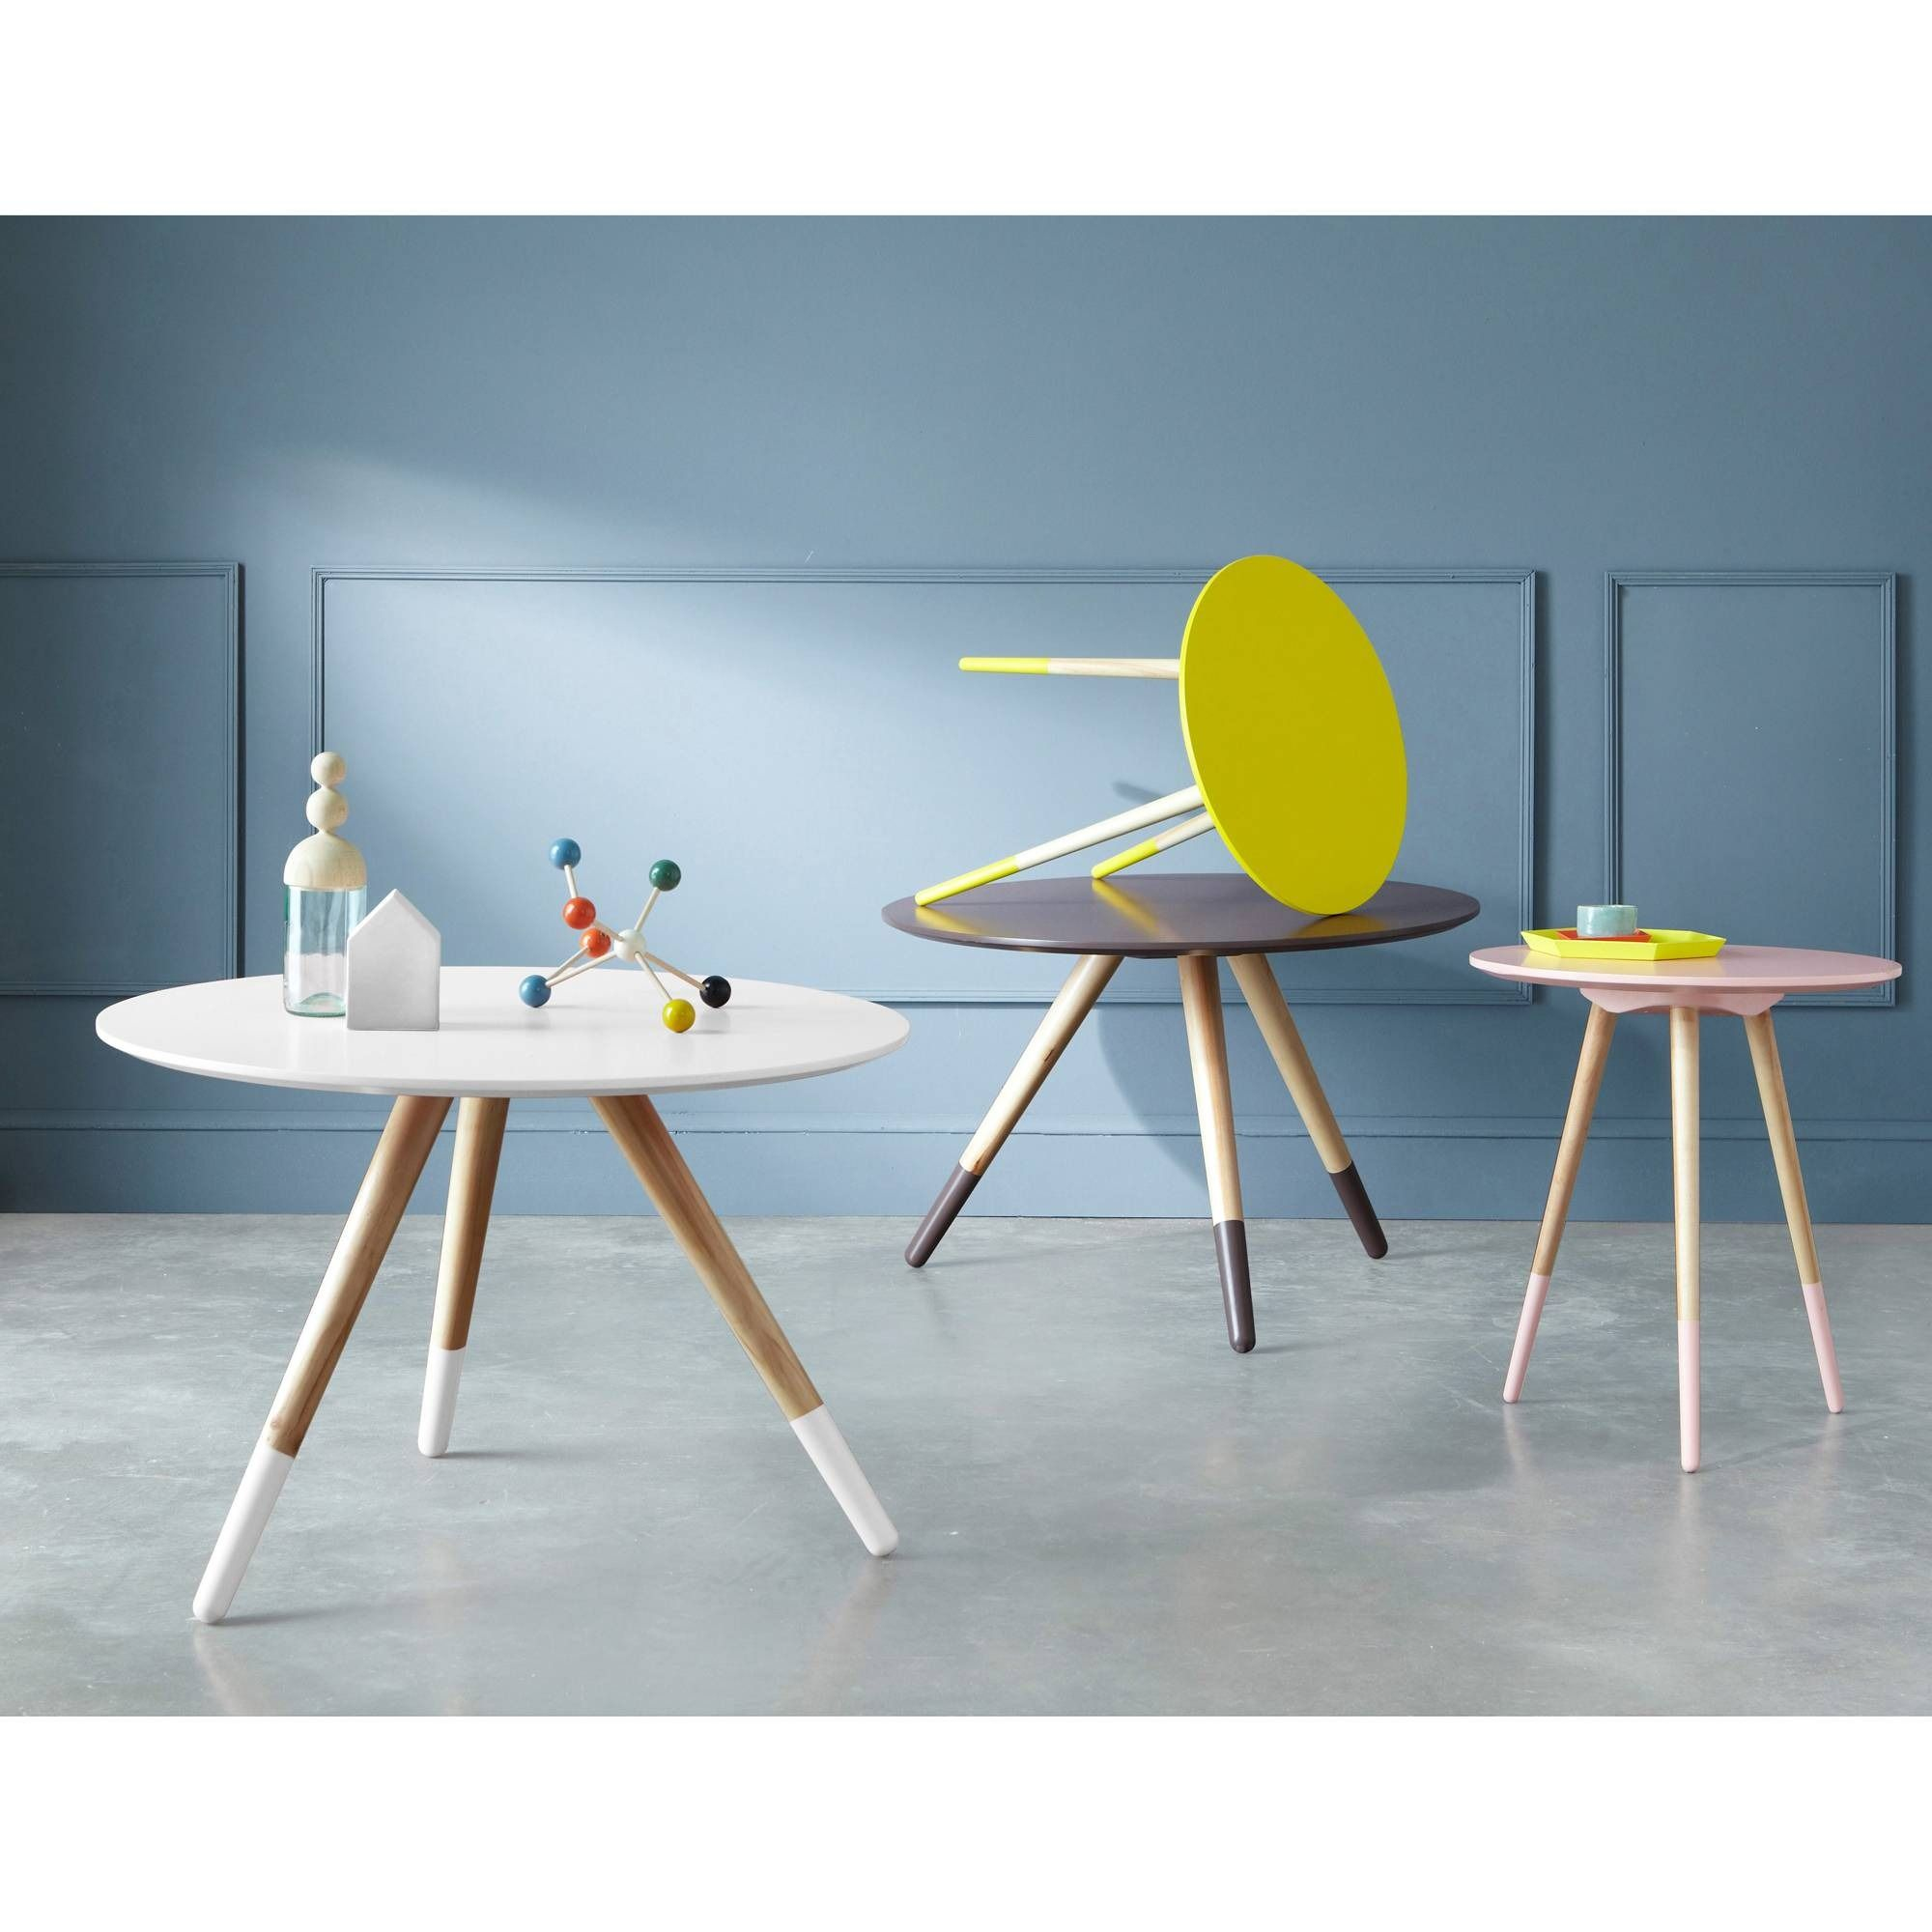 table basse new pin's, diamètre 75 cm, pieds peints. - 3 suisses